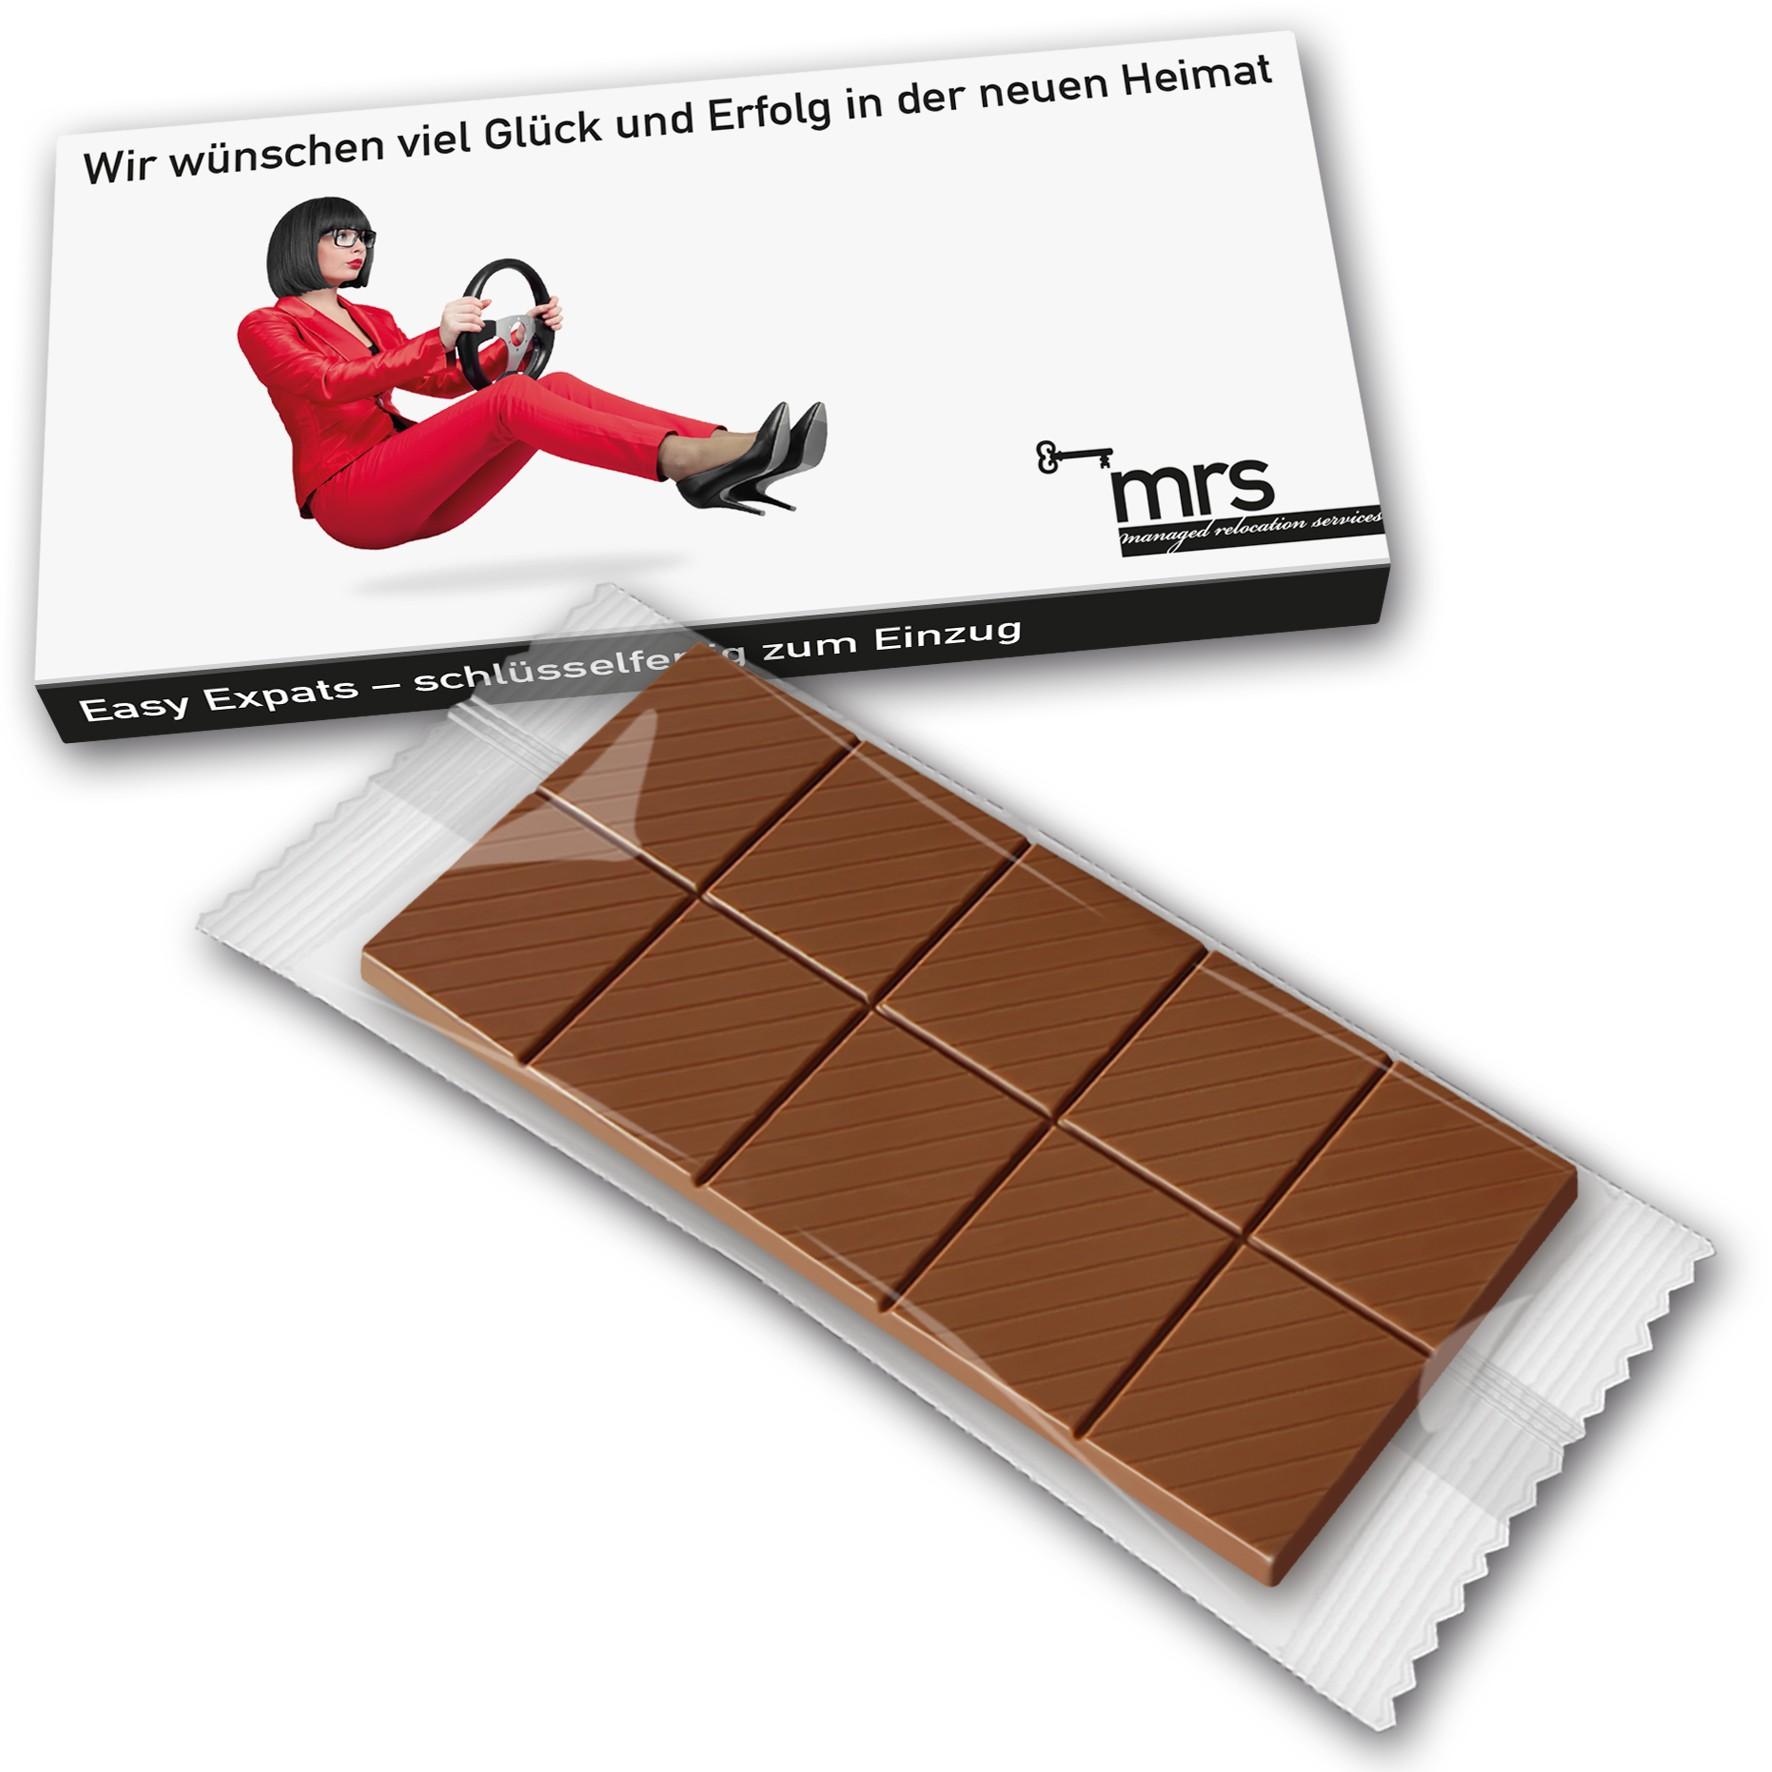 Schokoladentafel in bedrucktem Karton